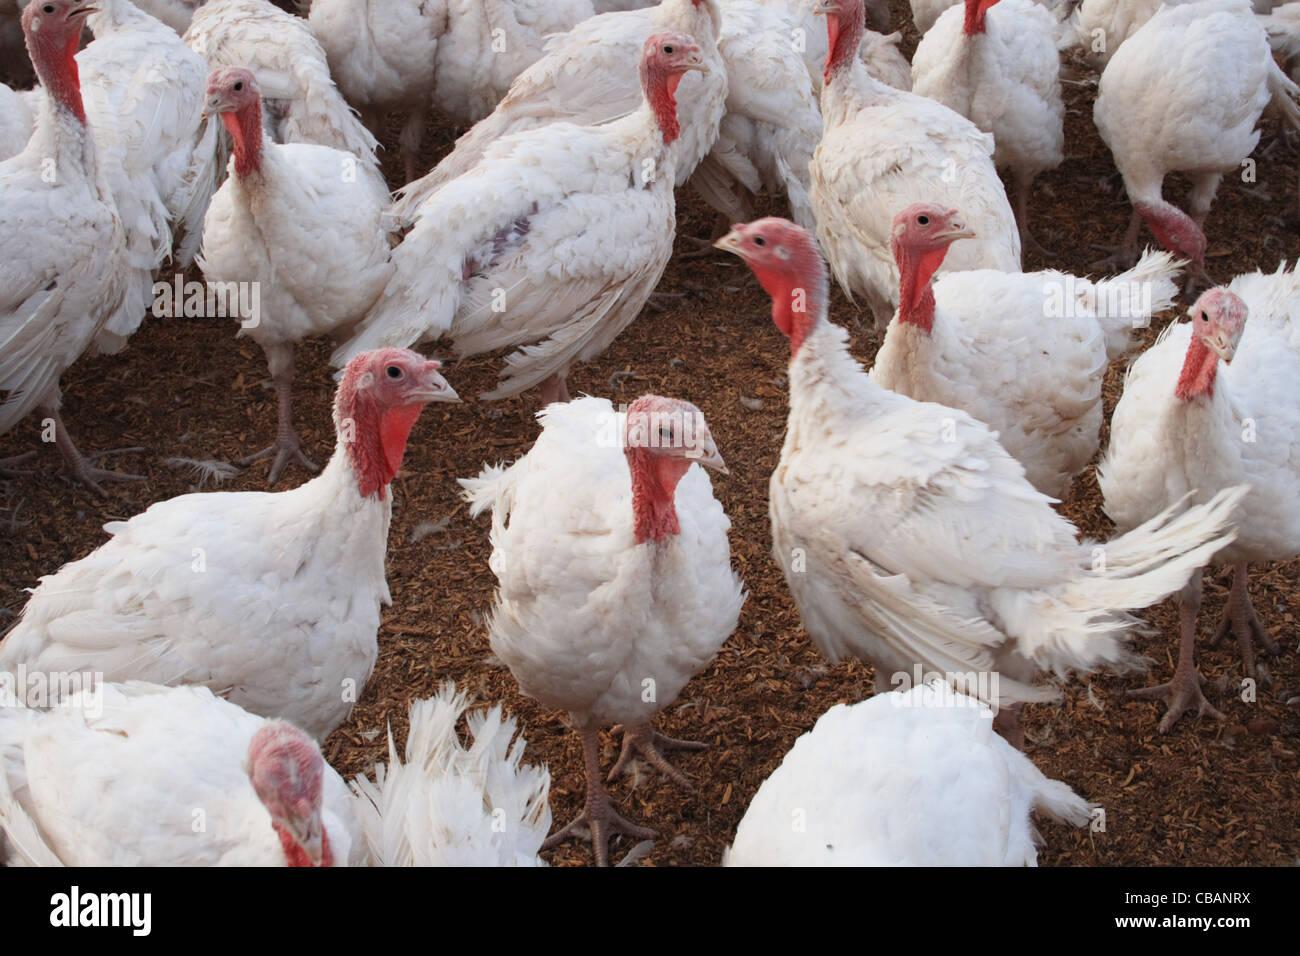 a flock of white turkeys in a turkey farm - Stock Image